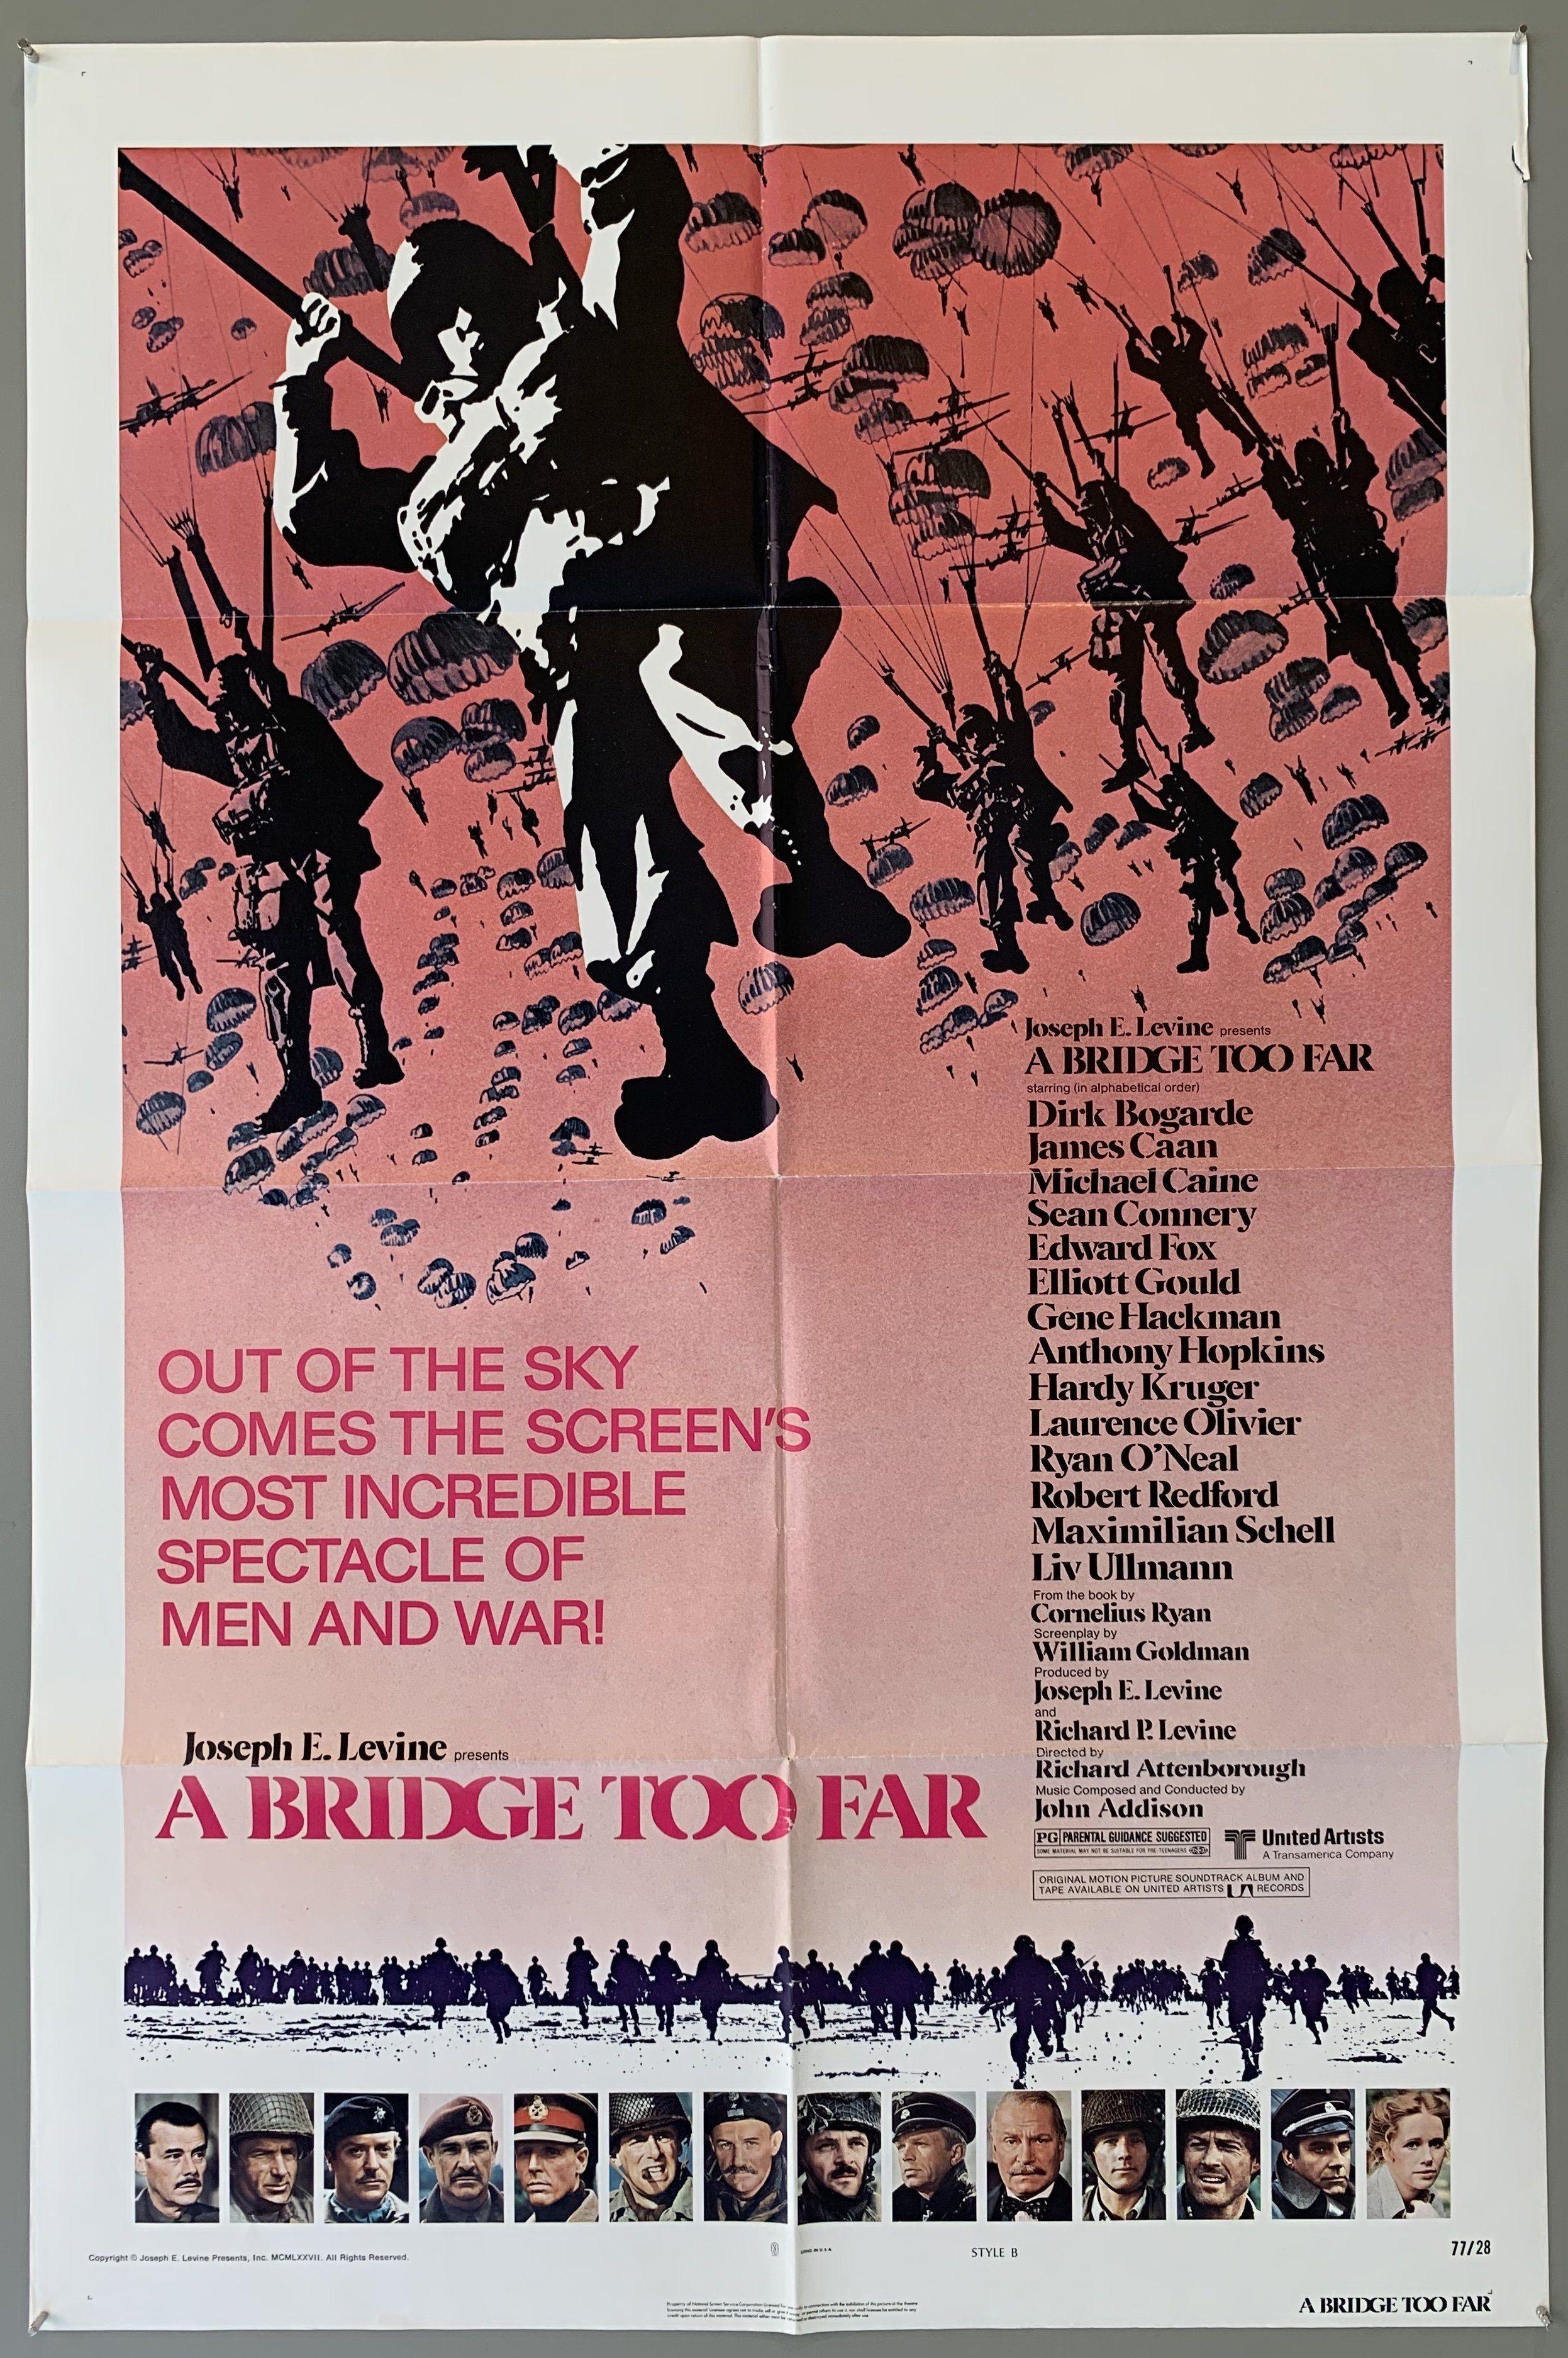 A Bridge Too Far - 41 x 27 / 1977